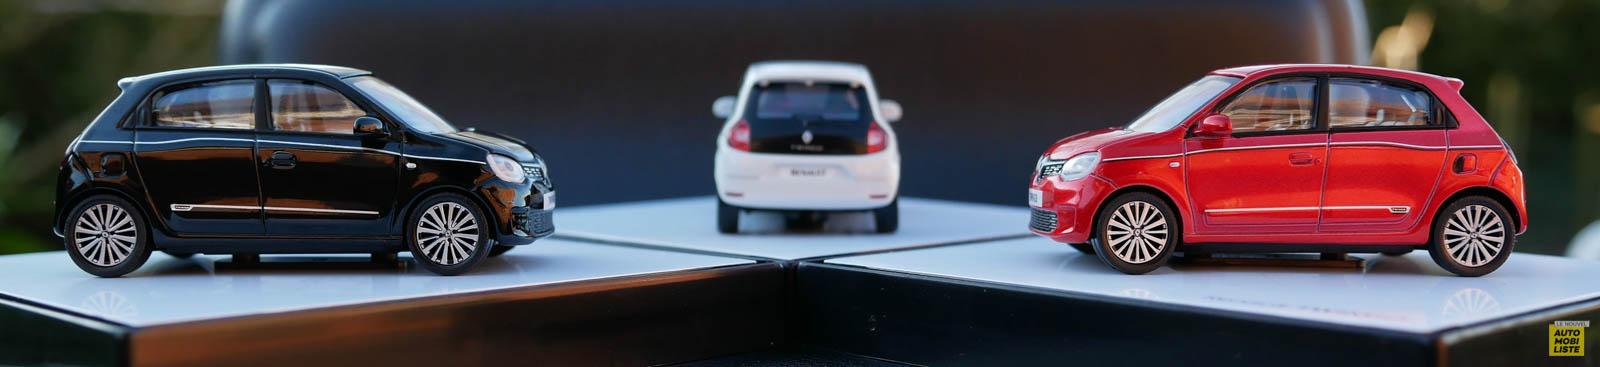 LNA Essai 2019 Renault Twingo 3.2 Norev 06